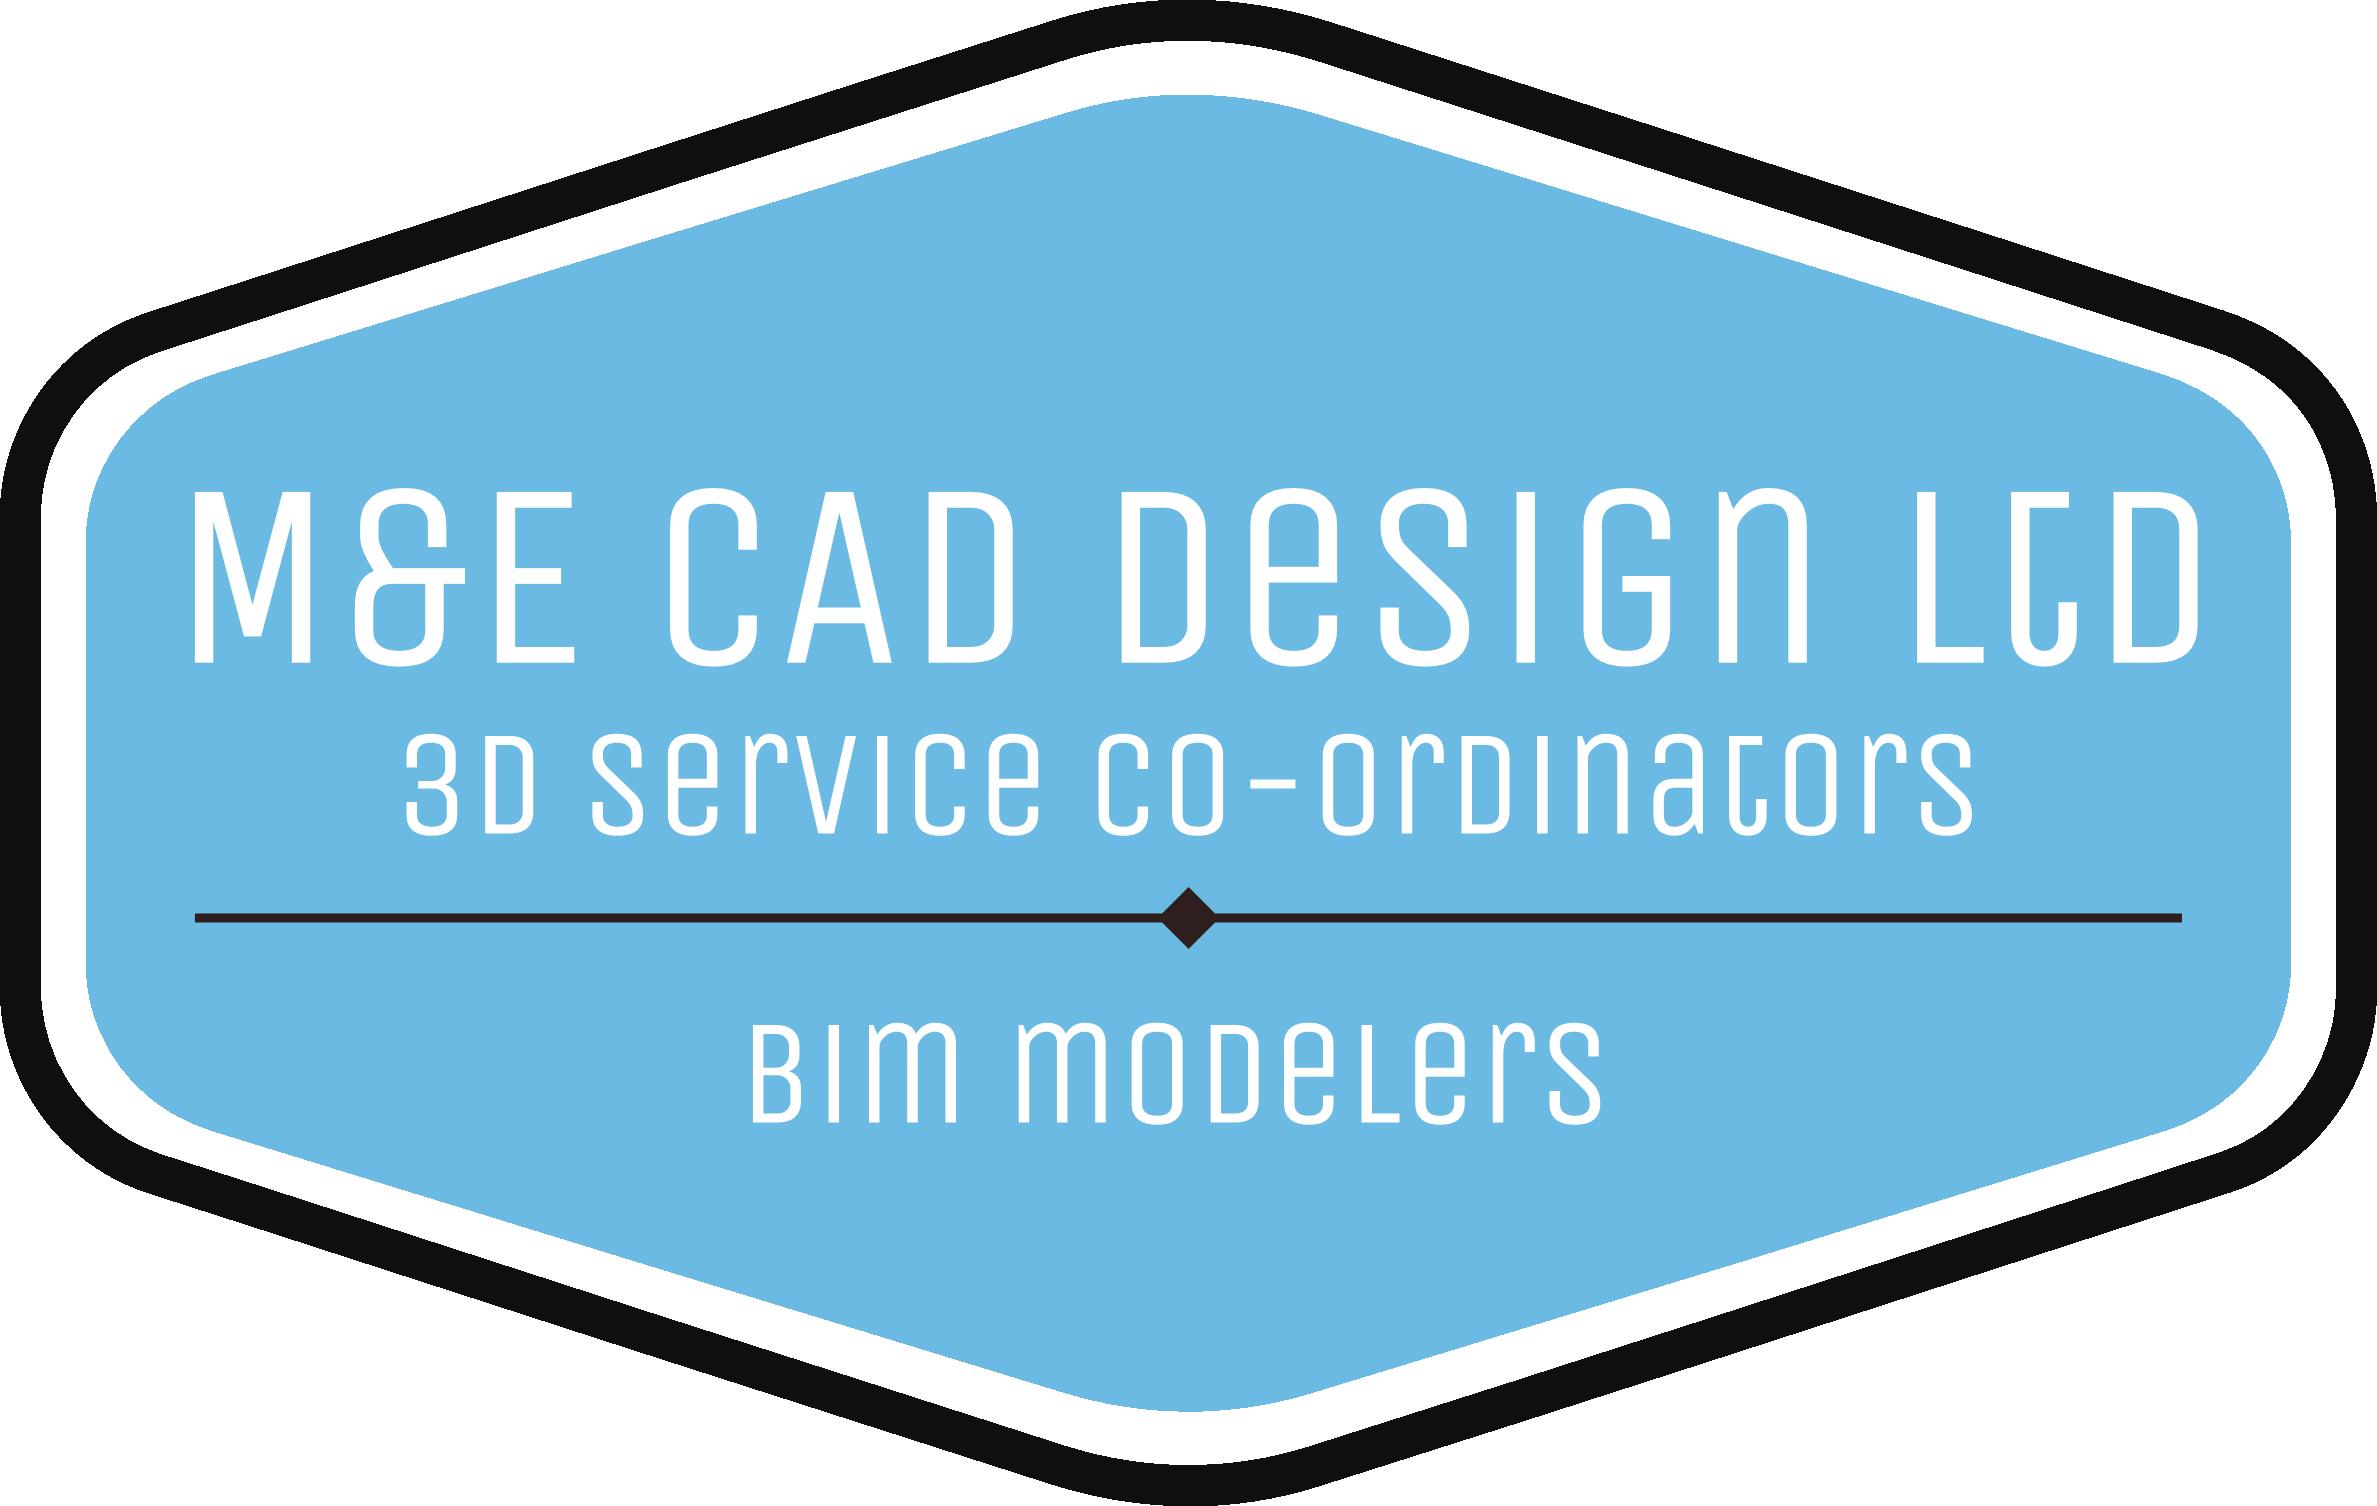 M&E CAD Design - M&E CAD Design Limited